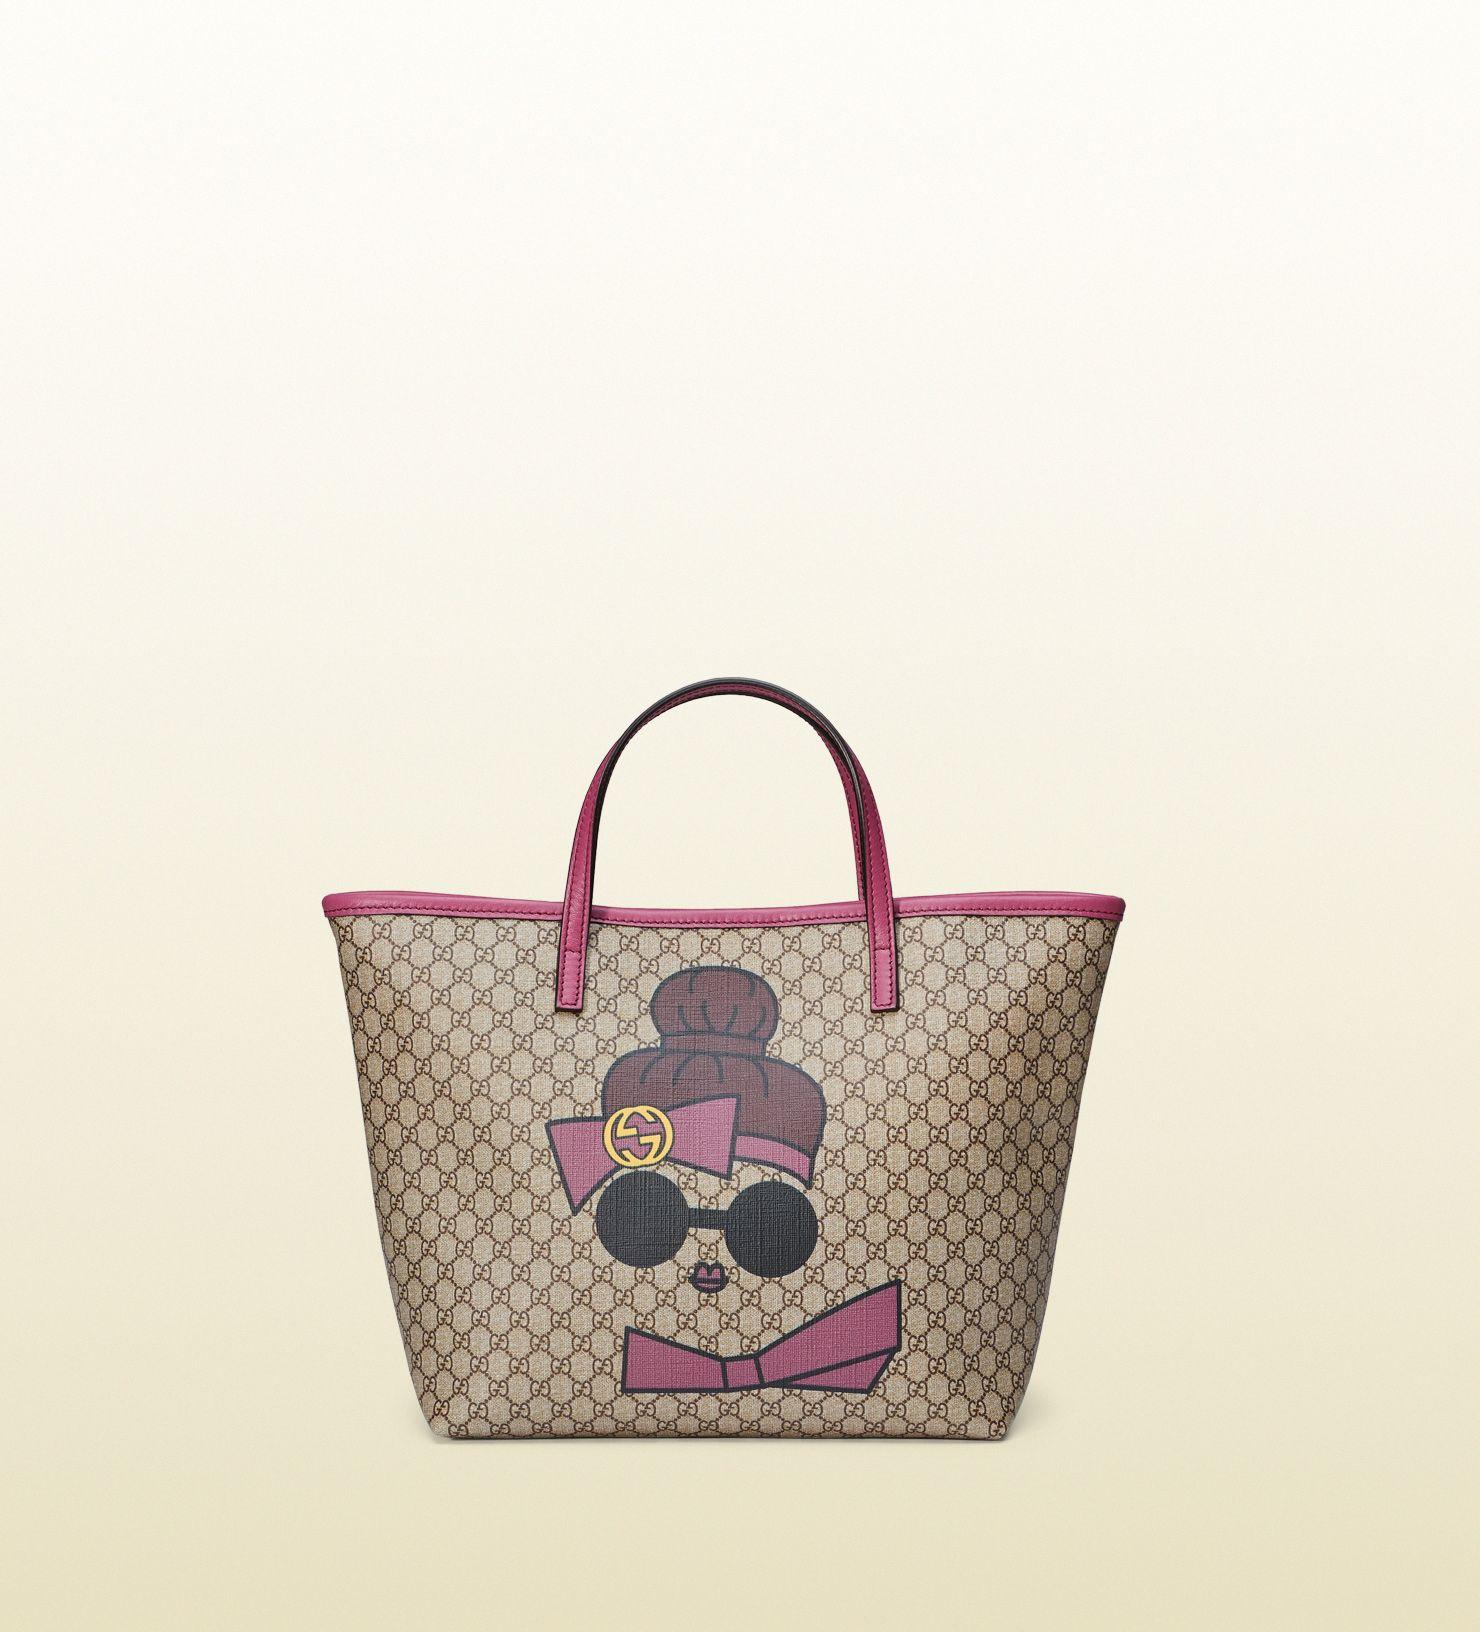 87747c77e1bc Children's GG fawns tote | #Kid Smart!! | Gucci kids, Gucci gifts, Gucci